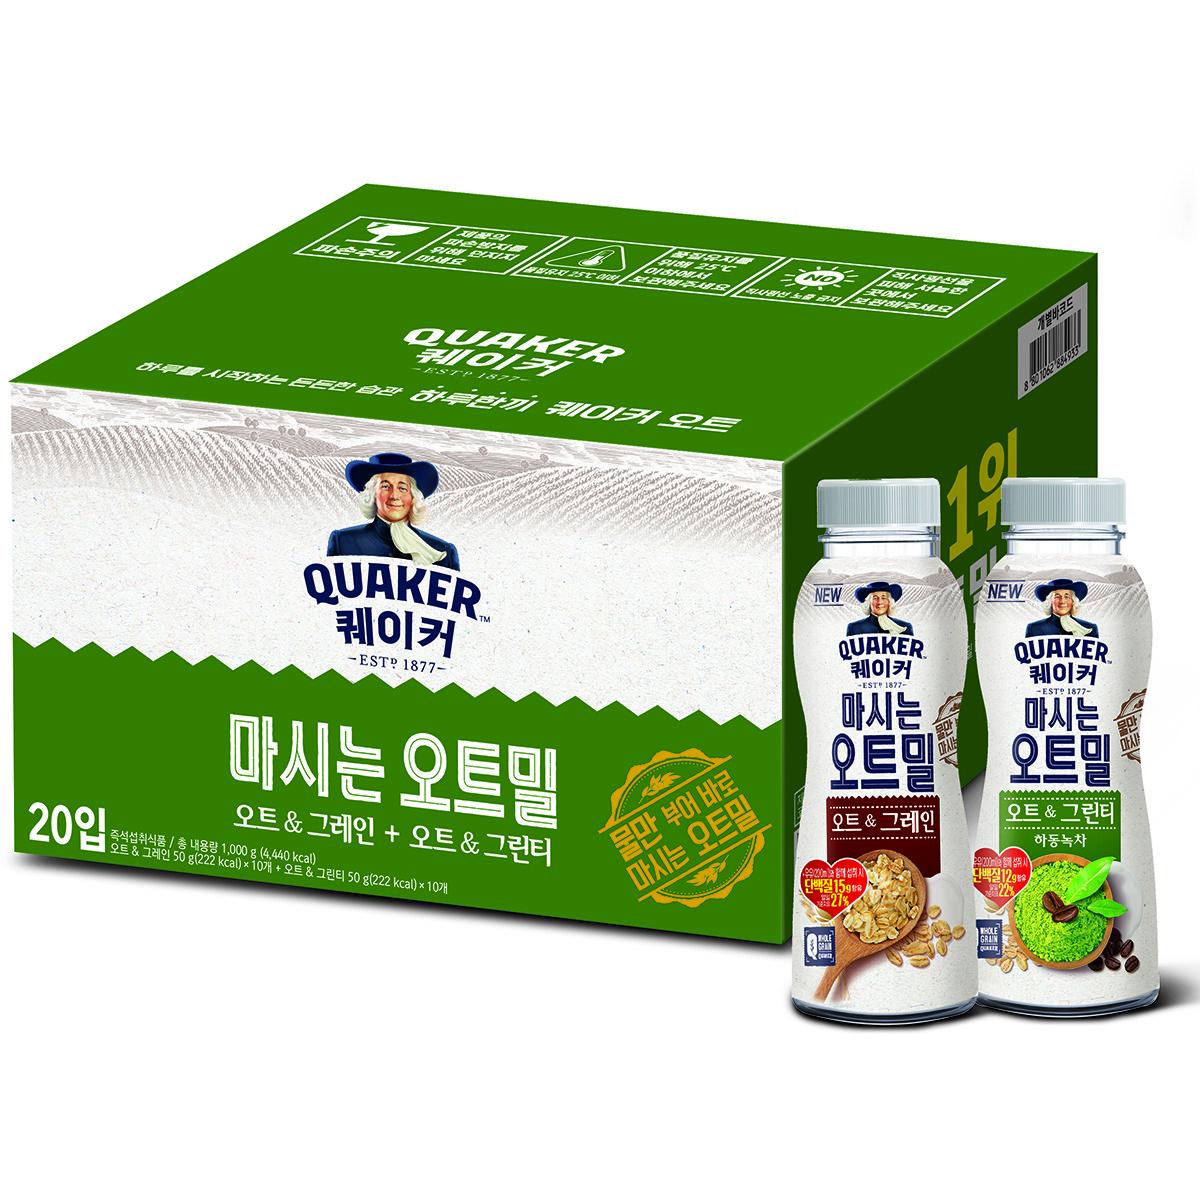 퀘이커 마시는 오트밀 50g x 20 - 그레인 & 그린티 Quaker Oatmeal Drink 50g x 20 - Grain&Green Tea